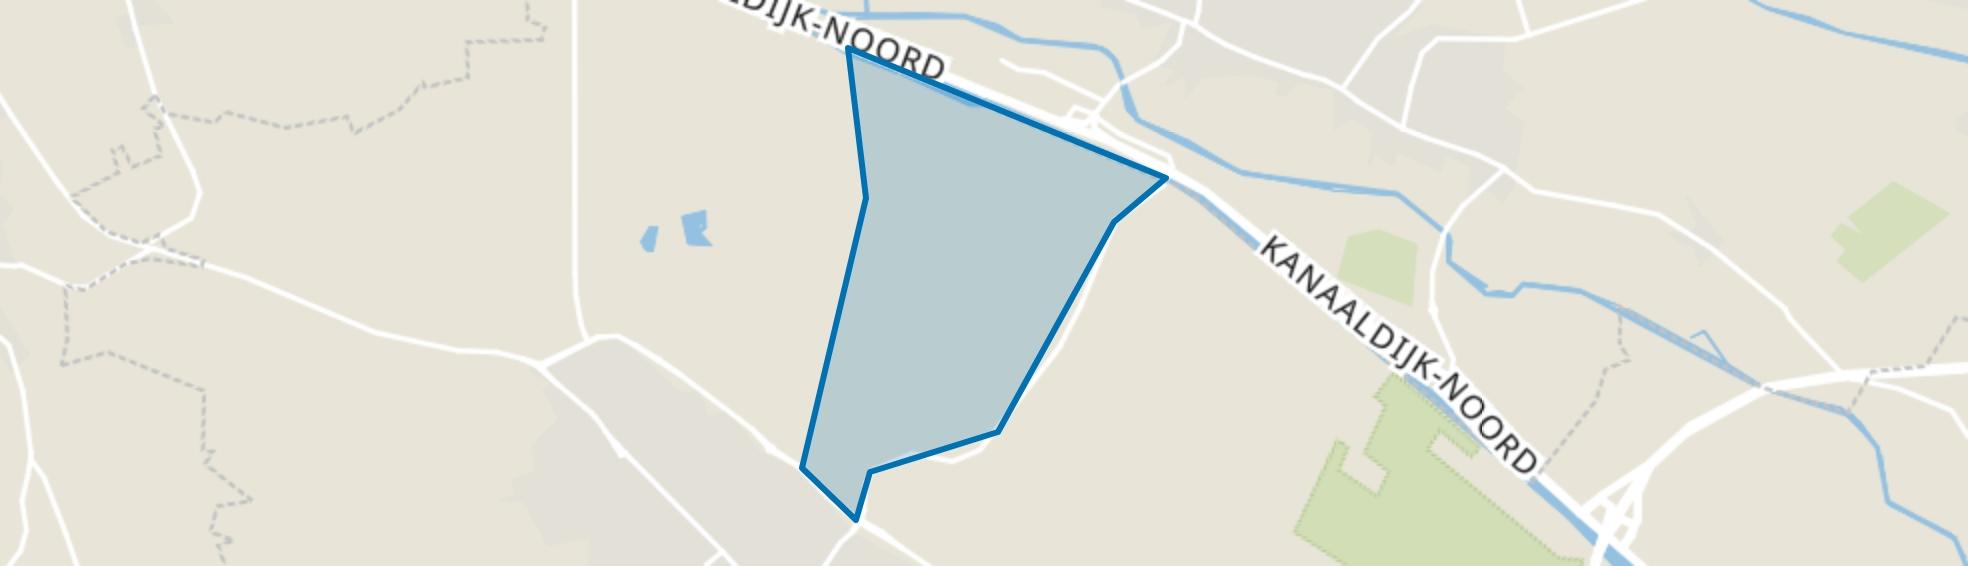 Buitengebied Steeg, Schijndel map